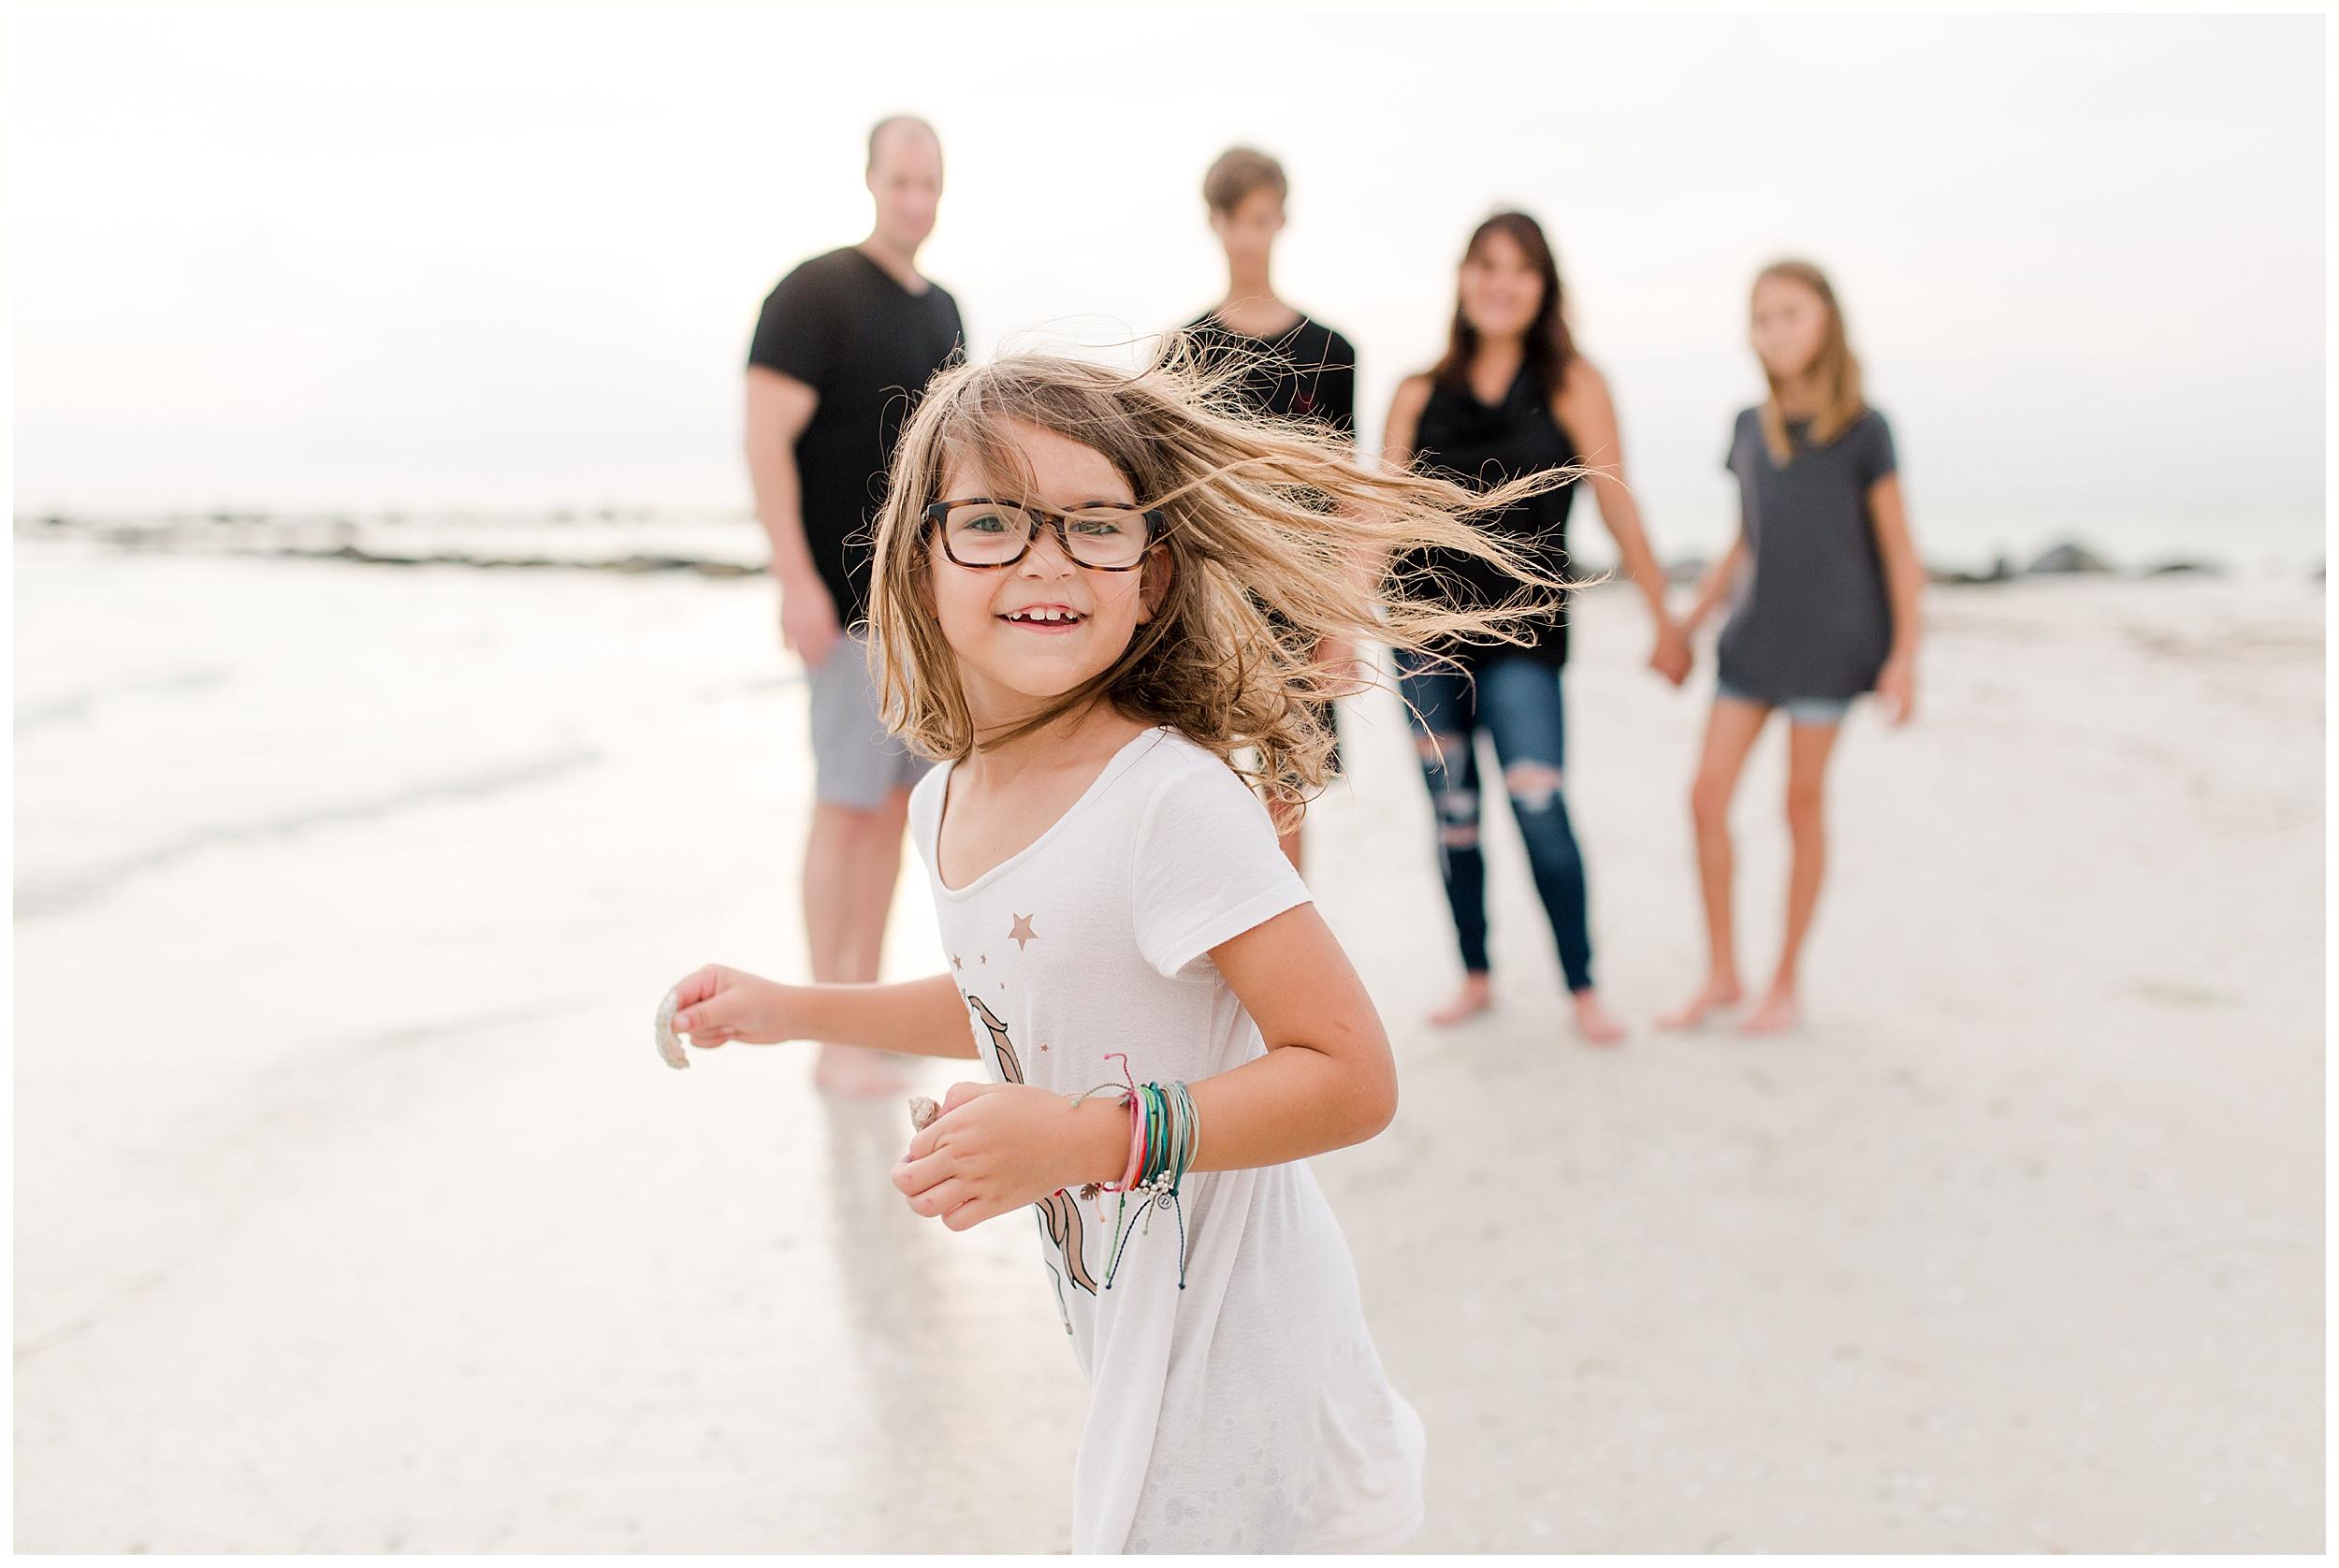 lexington-ky-family-lifestyle-photographer-priscilla-baierlein_1759.jpg